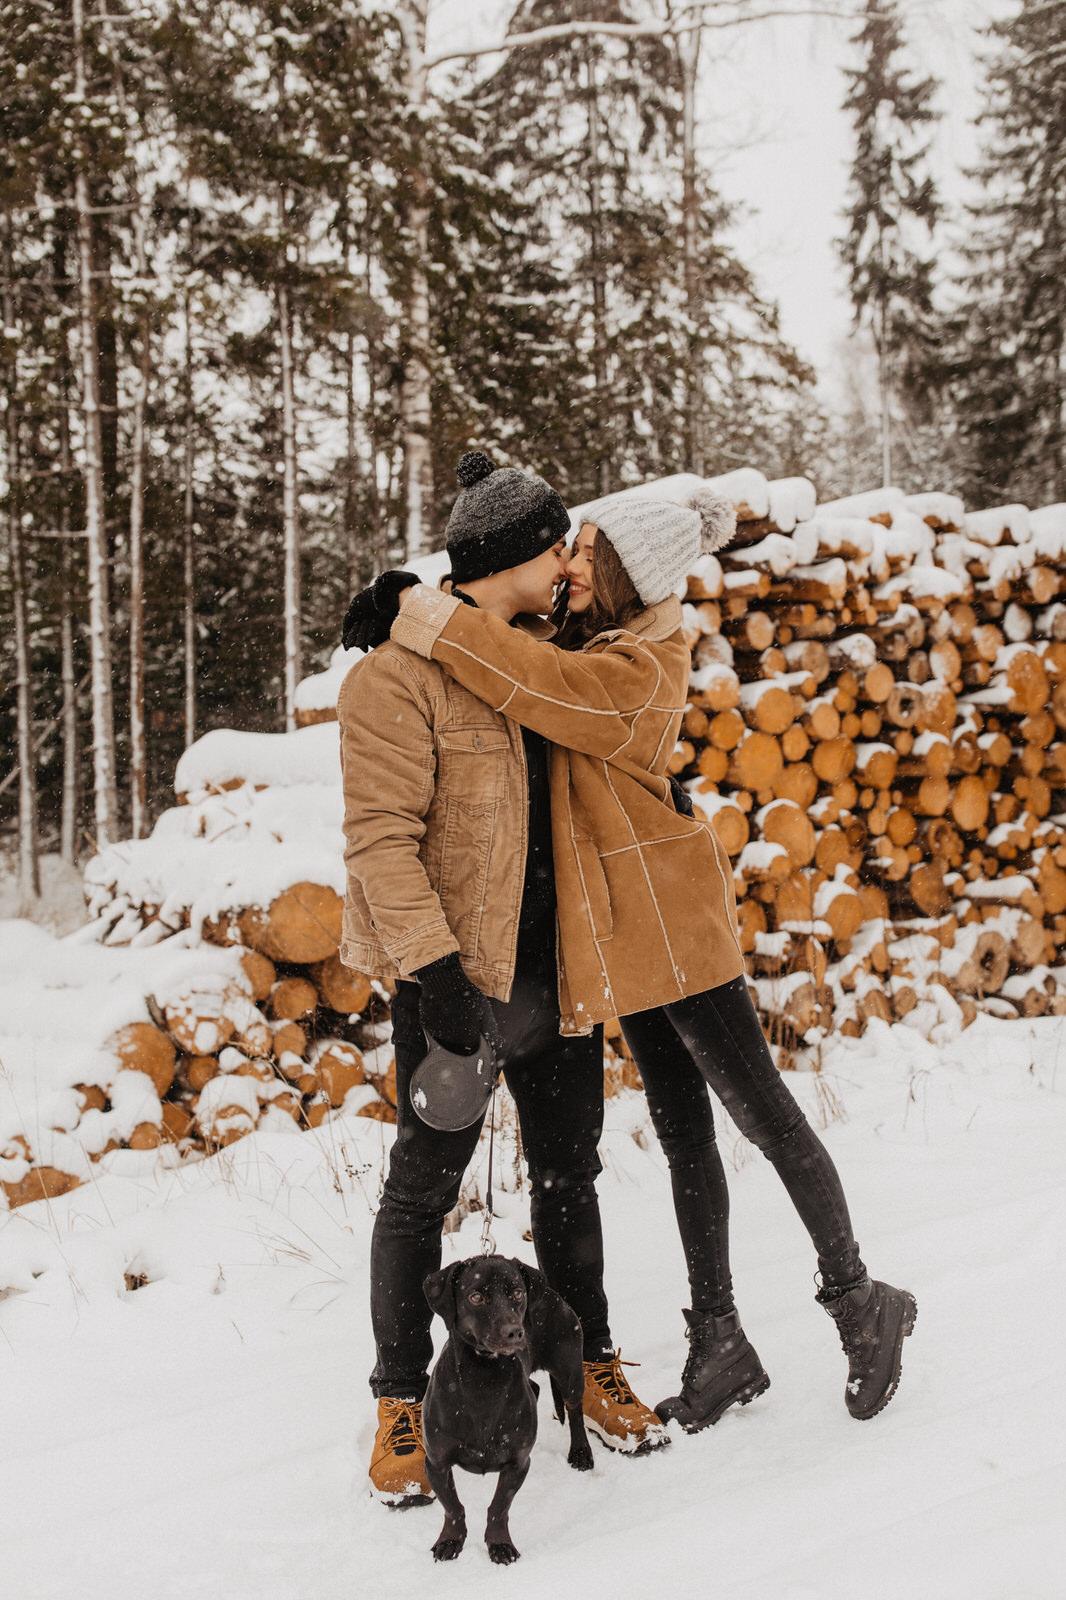 Snowy Days by Emilija Bogdanova